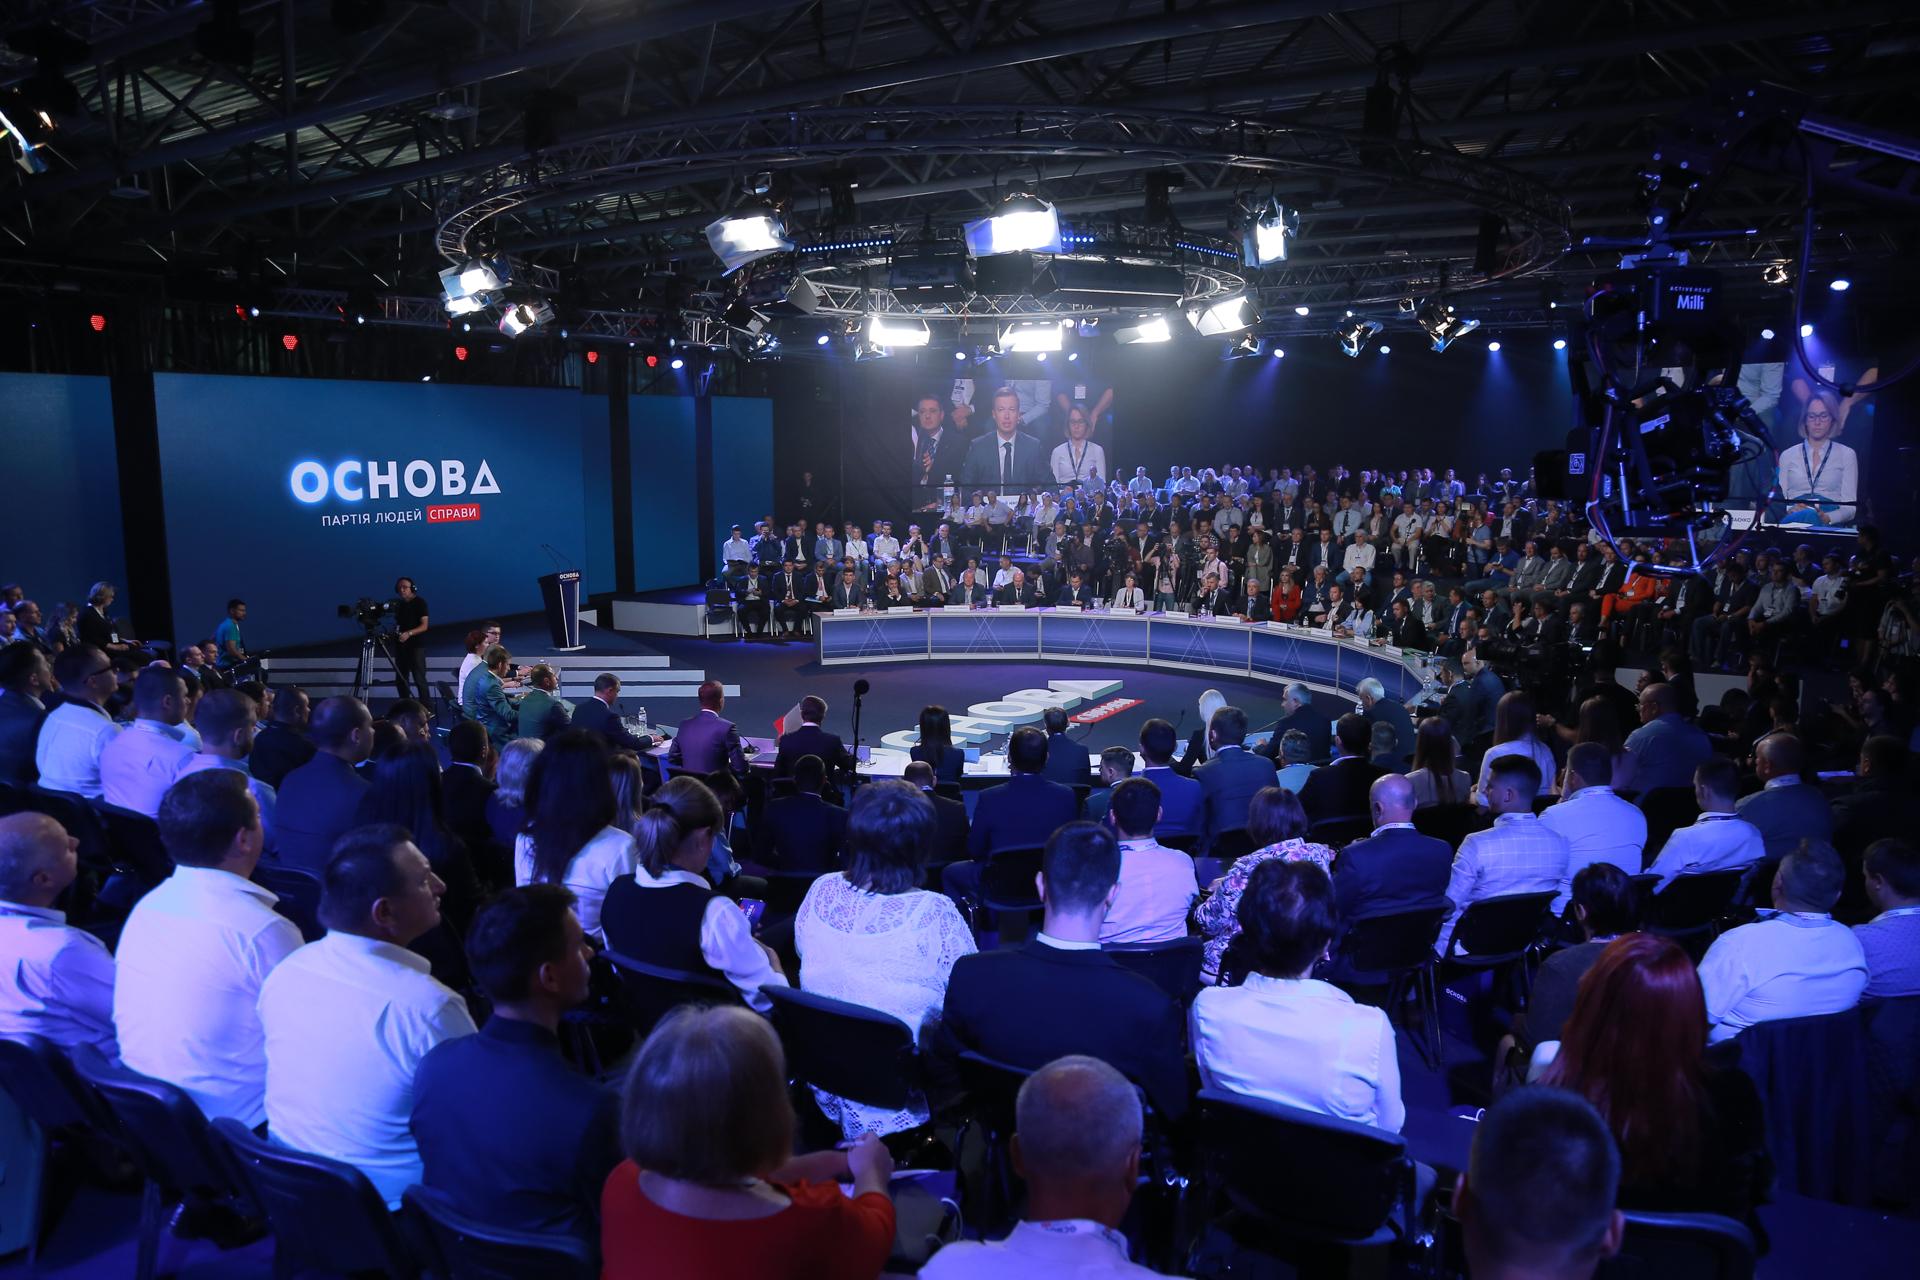 Херсонцы тоже неравнодушны к будущему страны: в столице прошел съезд партии людей дела (ФОТО)